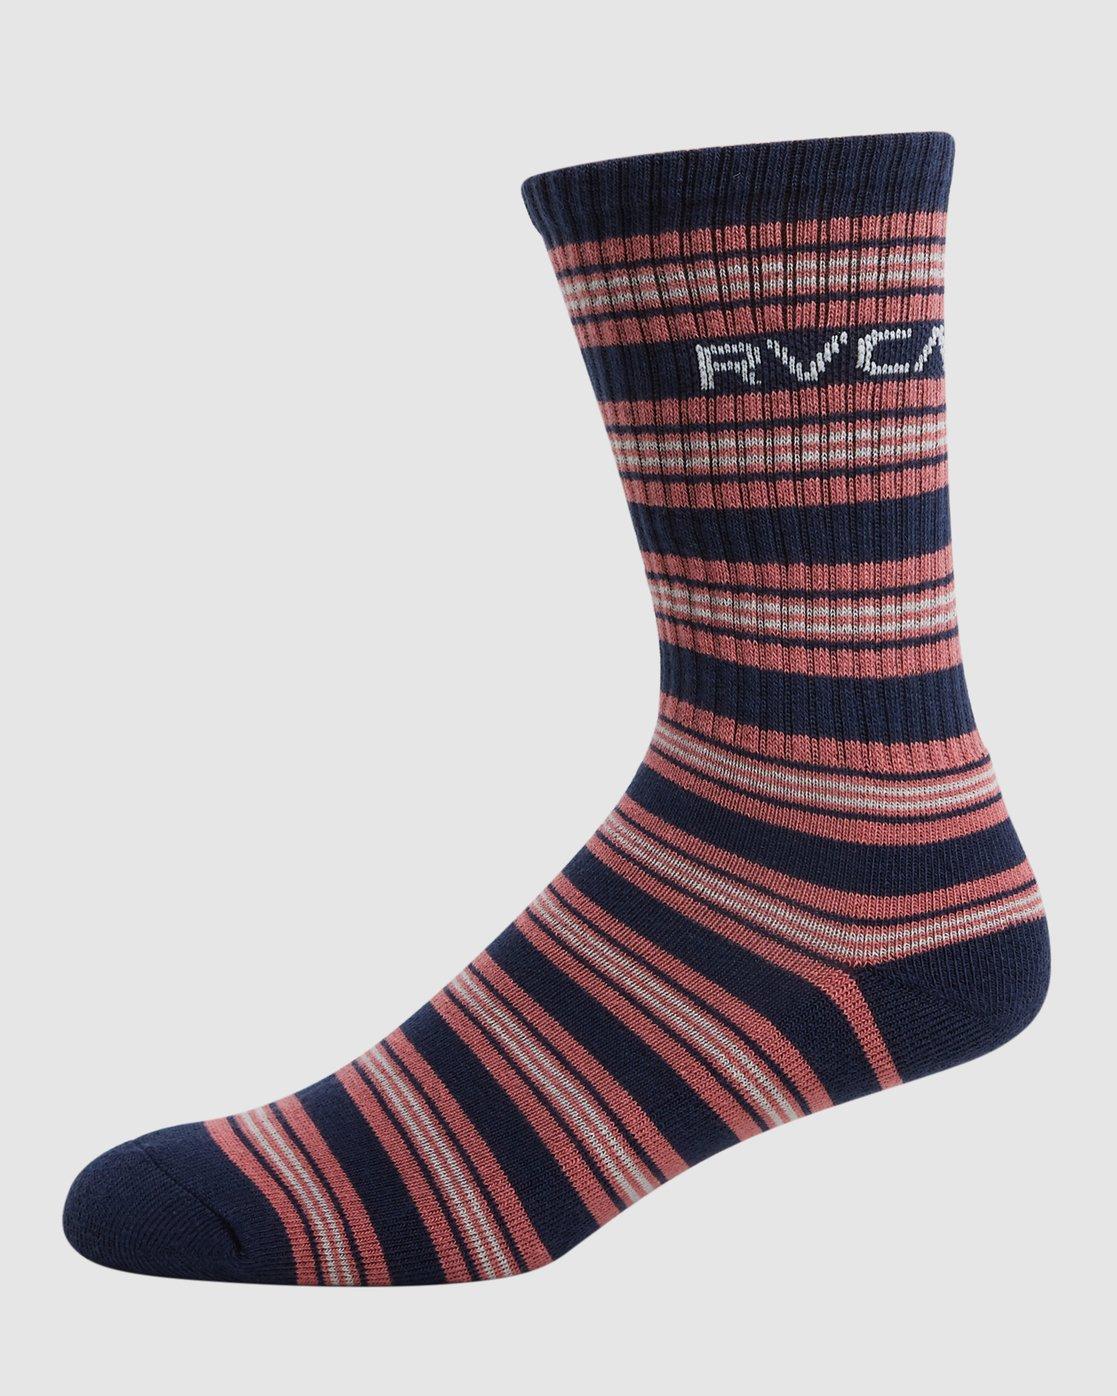 4 RVCA Multi Sock - 4 Pack  R107601 RVCA